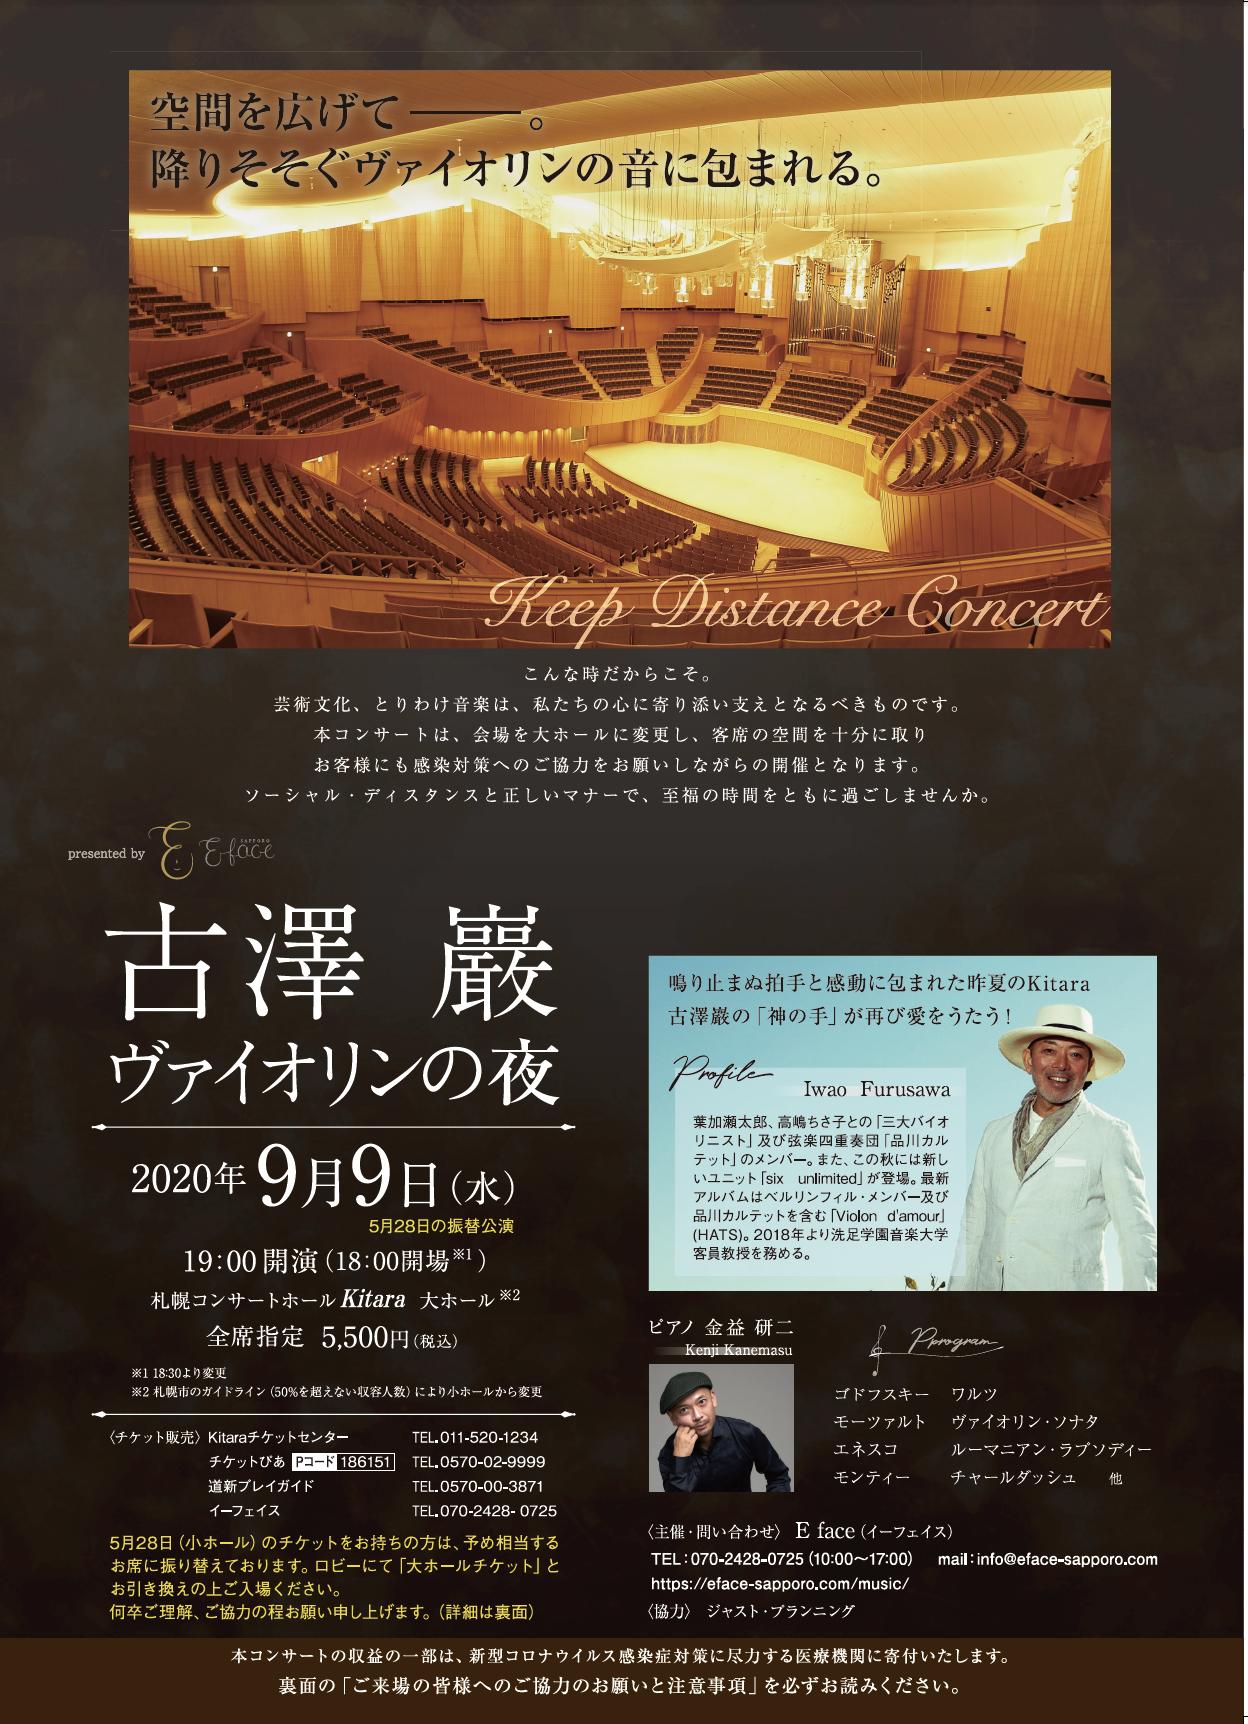 古澤巖 ヴァイオリンの夜~Keep Distance Concert~ イメージ画像